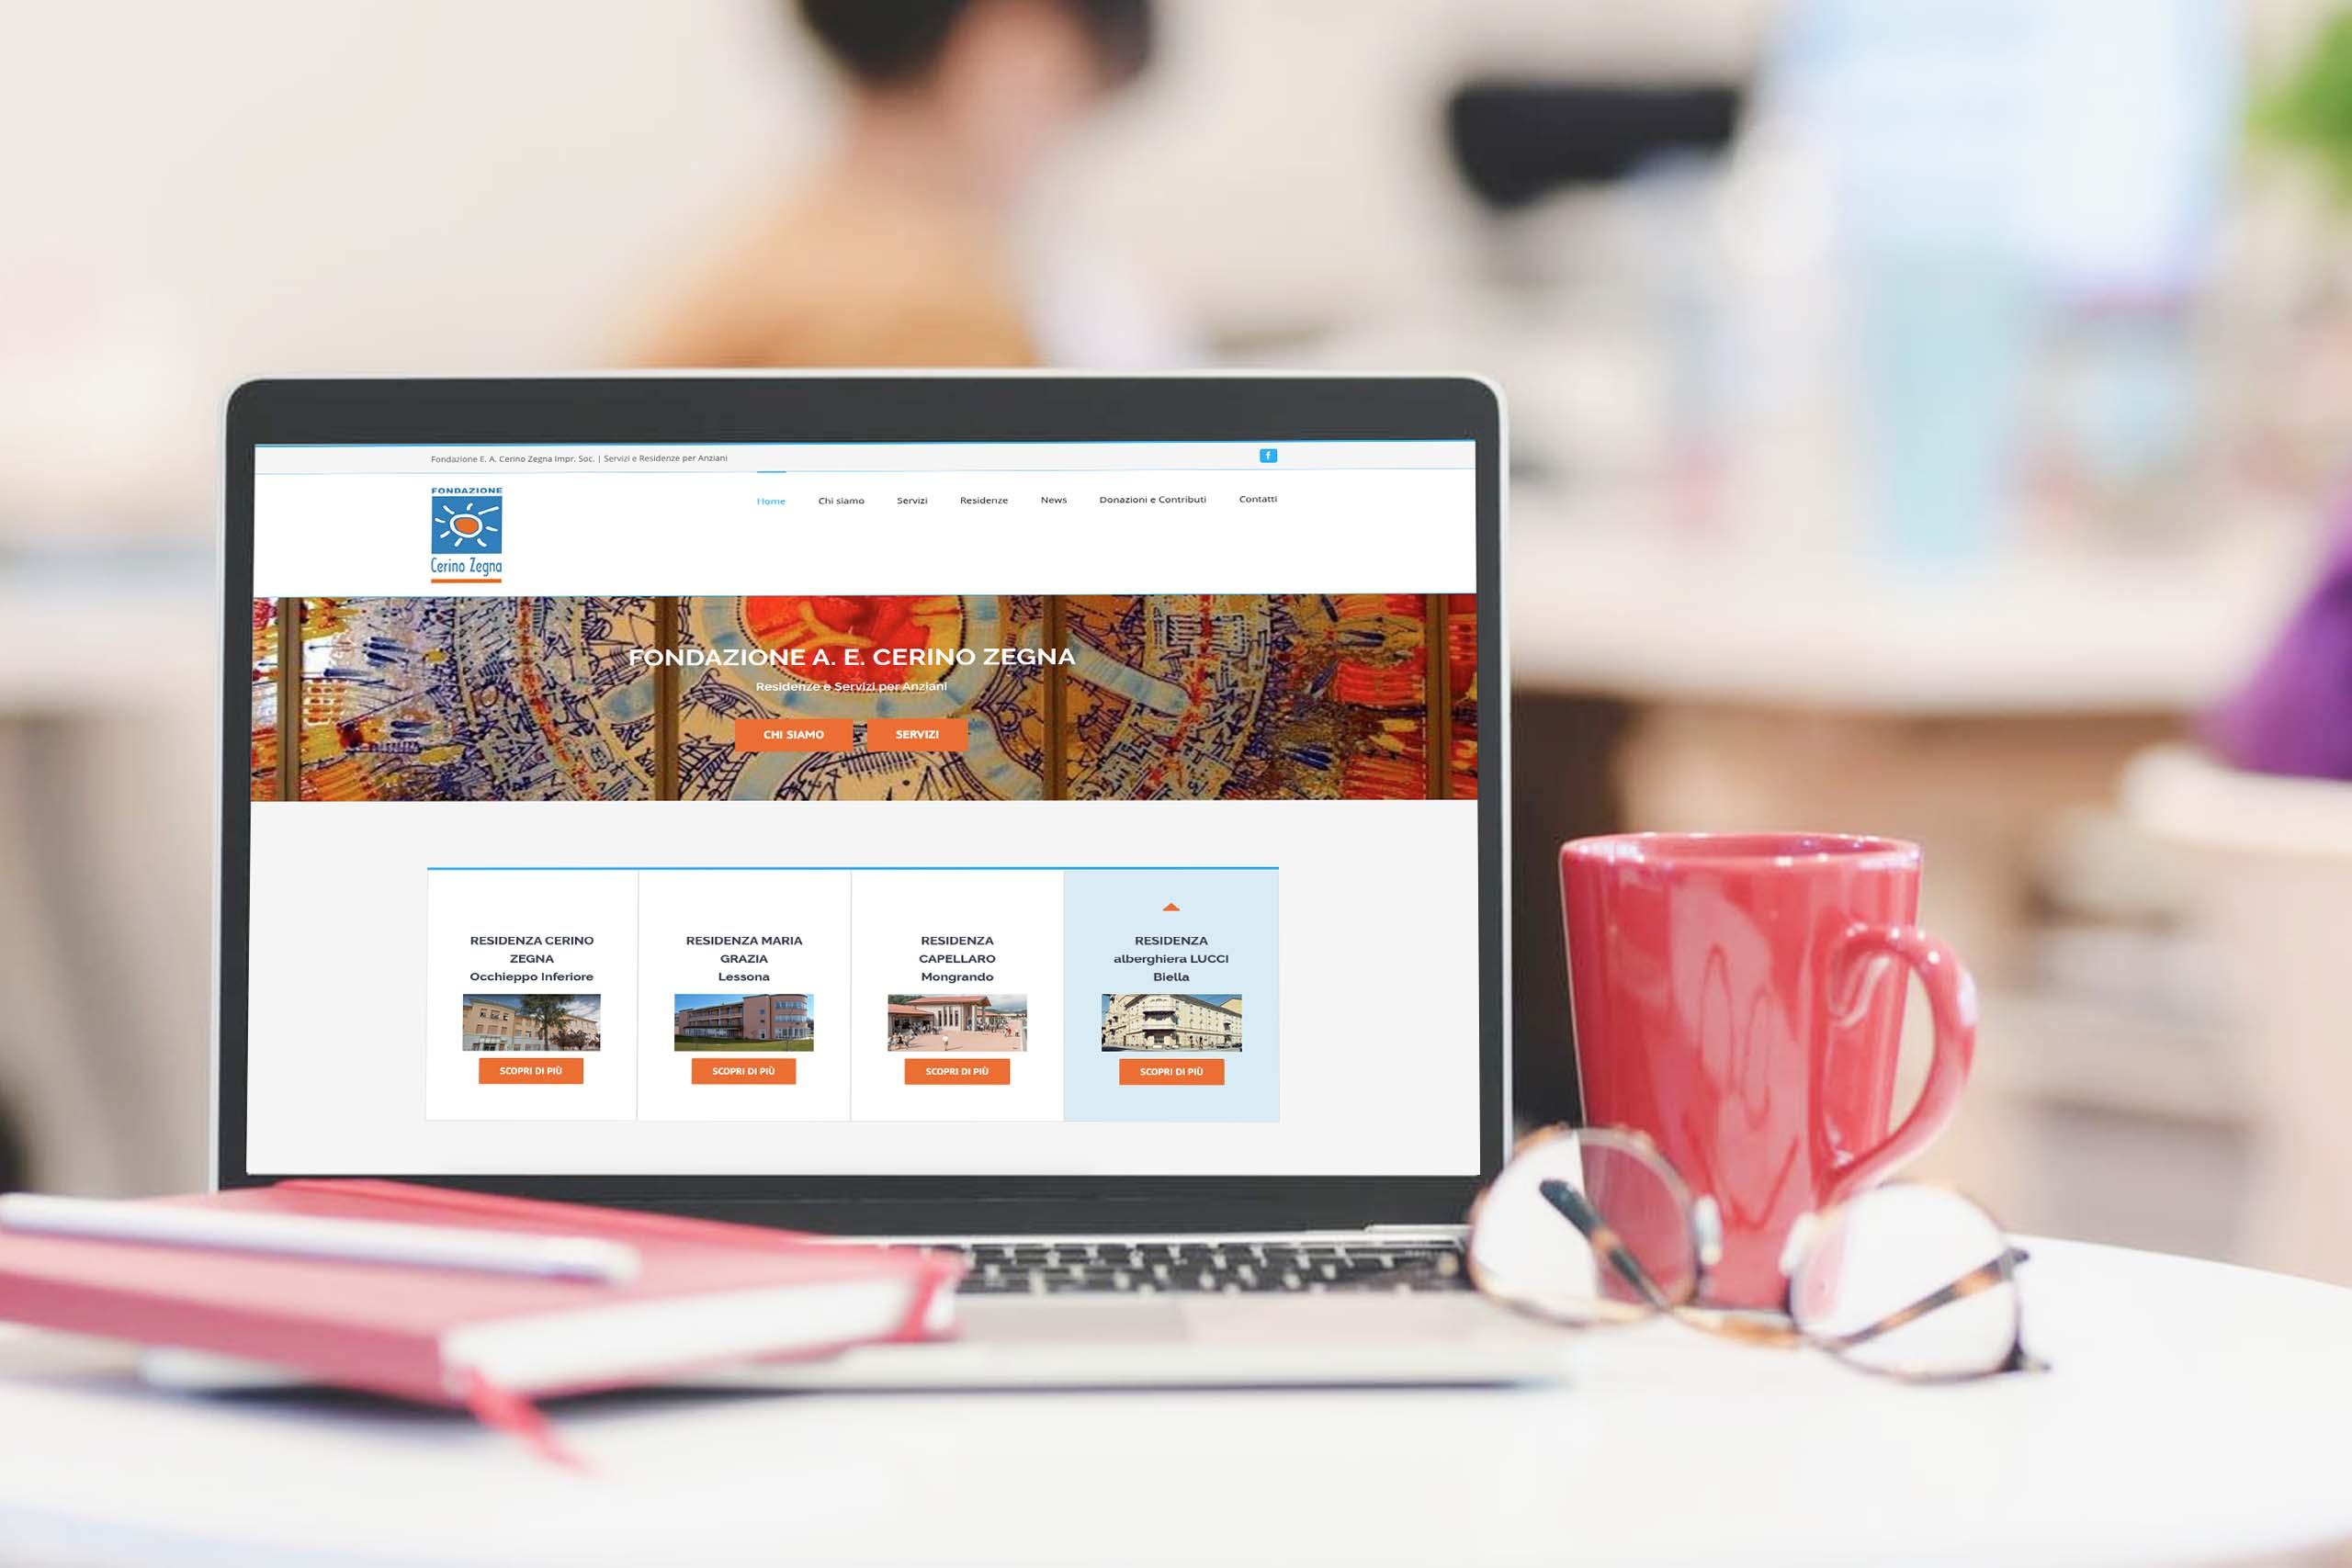 Fondazione Cerino zegna sito web